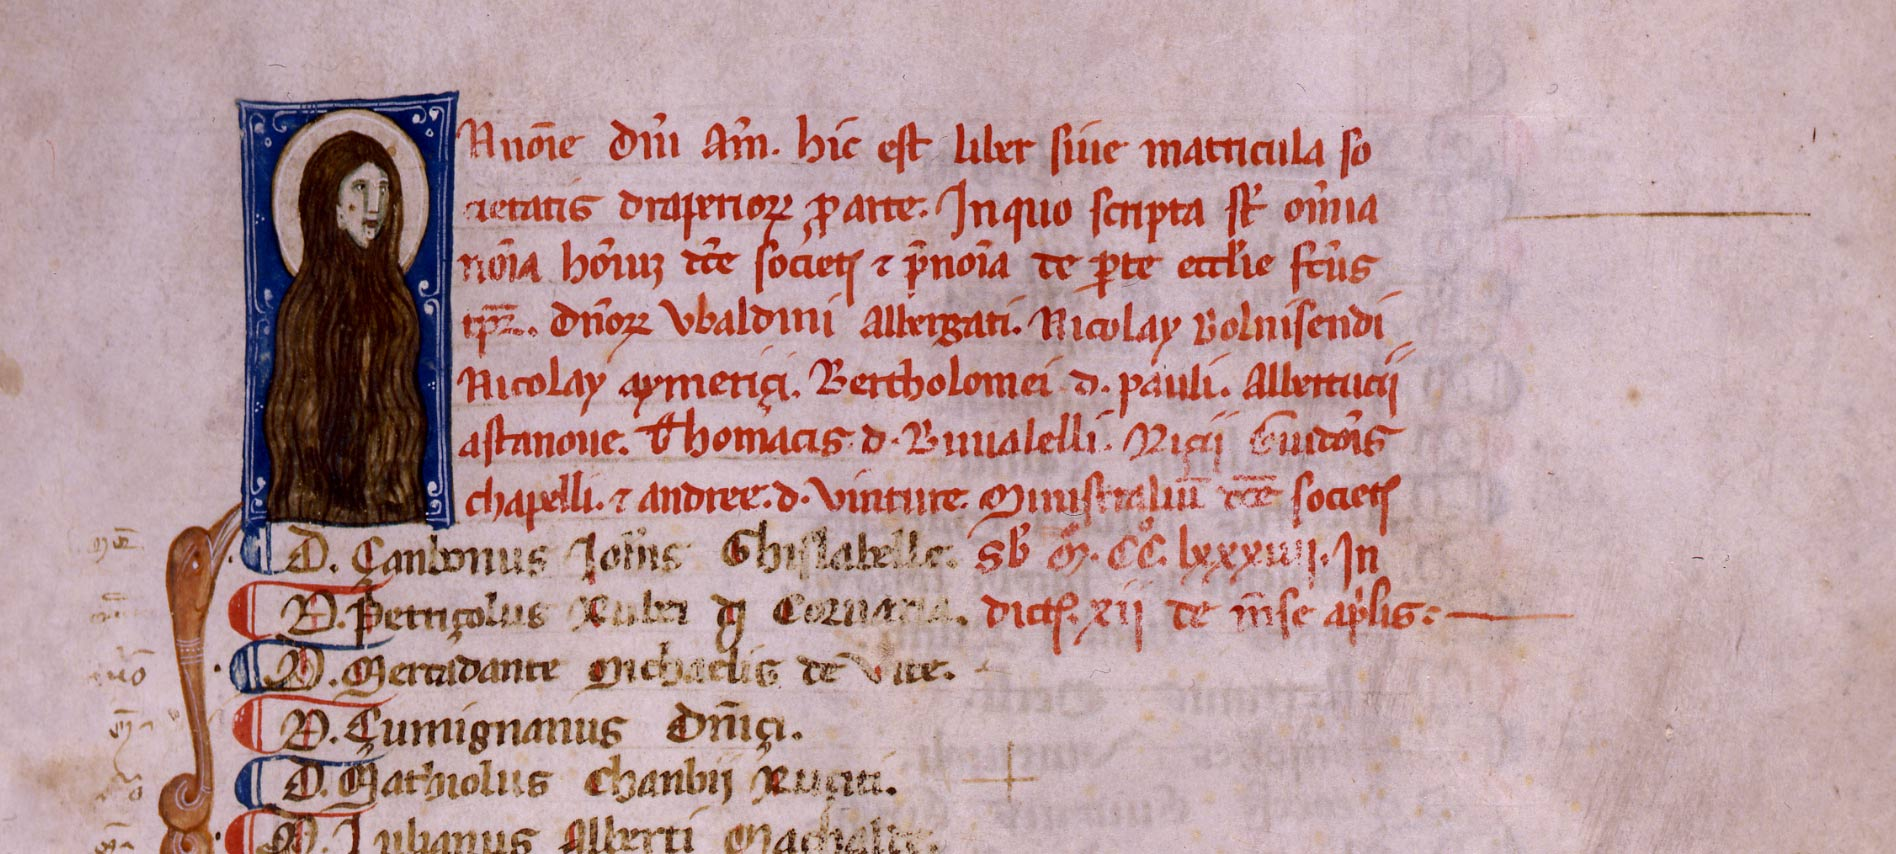 A Bologna una mostra su Dante e il suo interesse per l'arte della miniatura